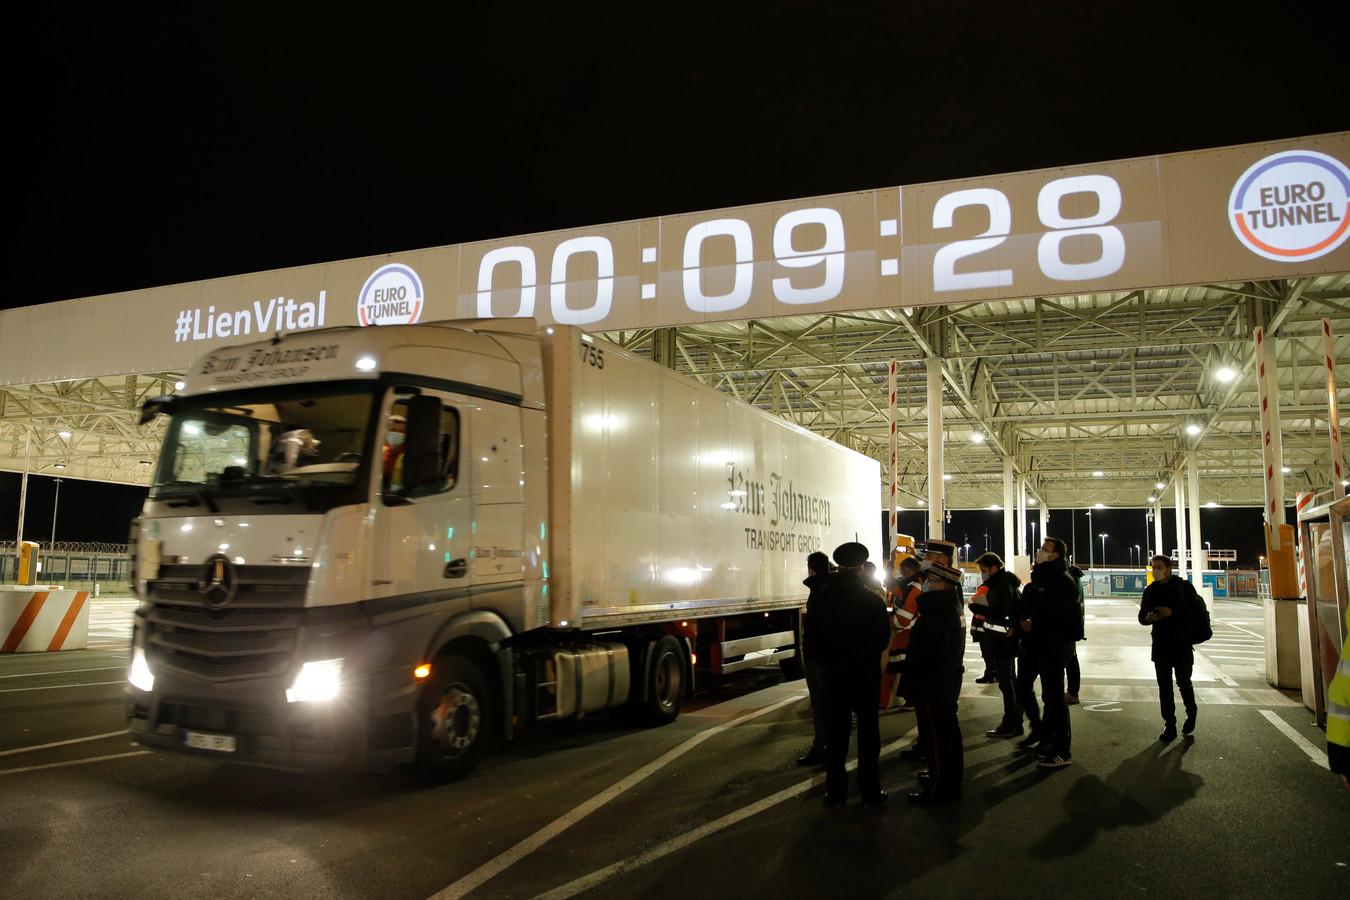 Kort na middernacht rijdt de eerste truck uit Estland de terminal van de Eurotunnel op om aan boord te gaan van de trein die door de Kanaaltunnel rijdt.